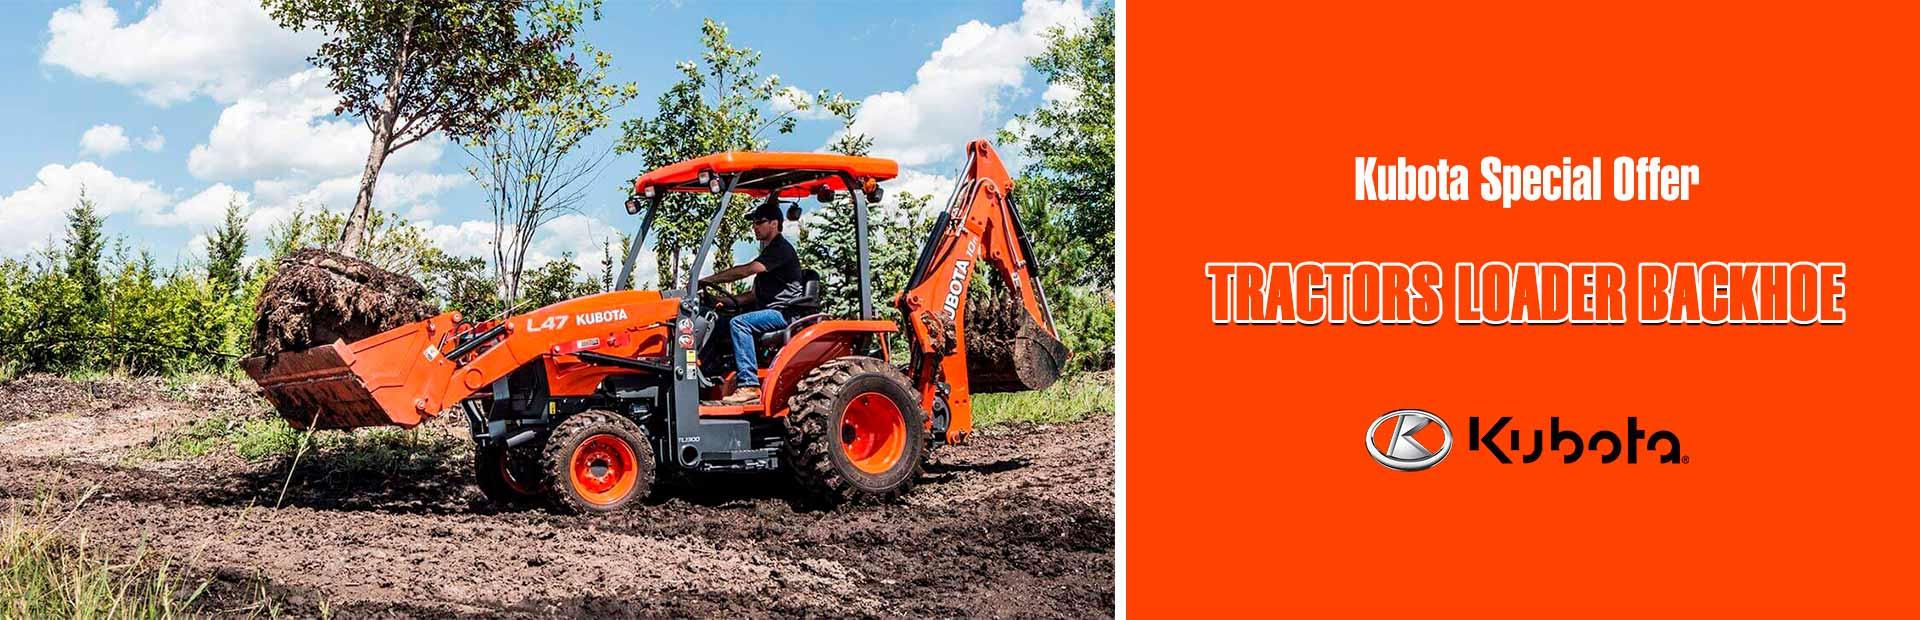 Kubota - Kubota Special Offer - Tractors Loader Backhoe